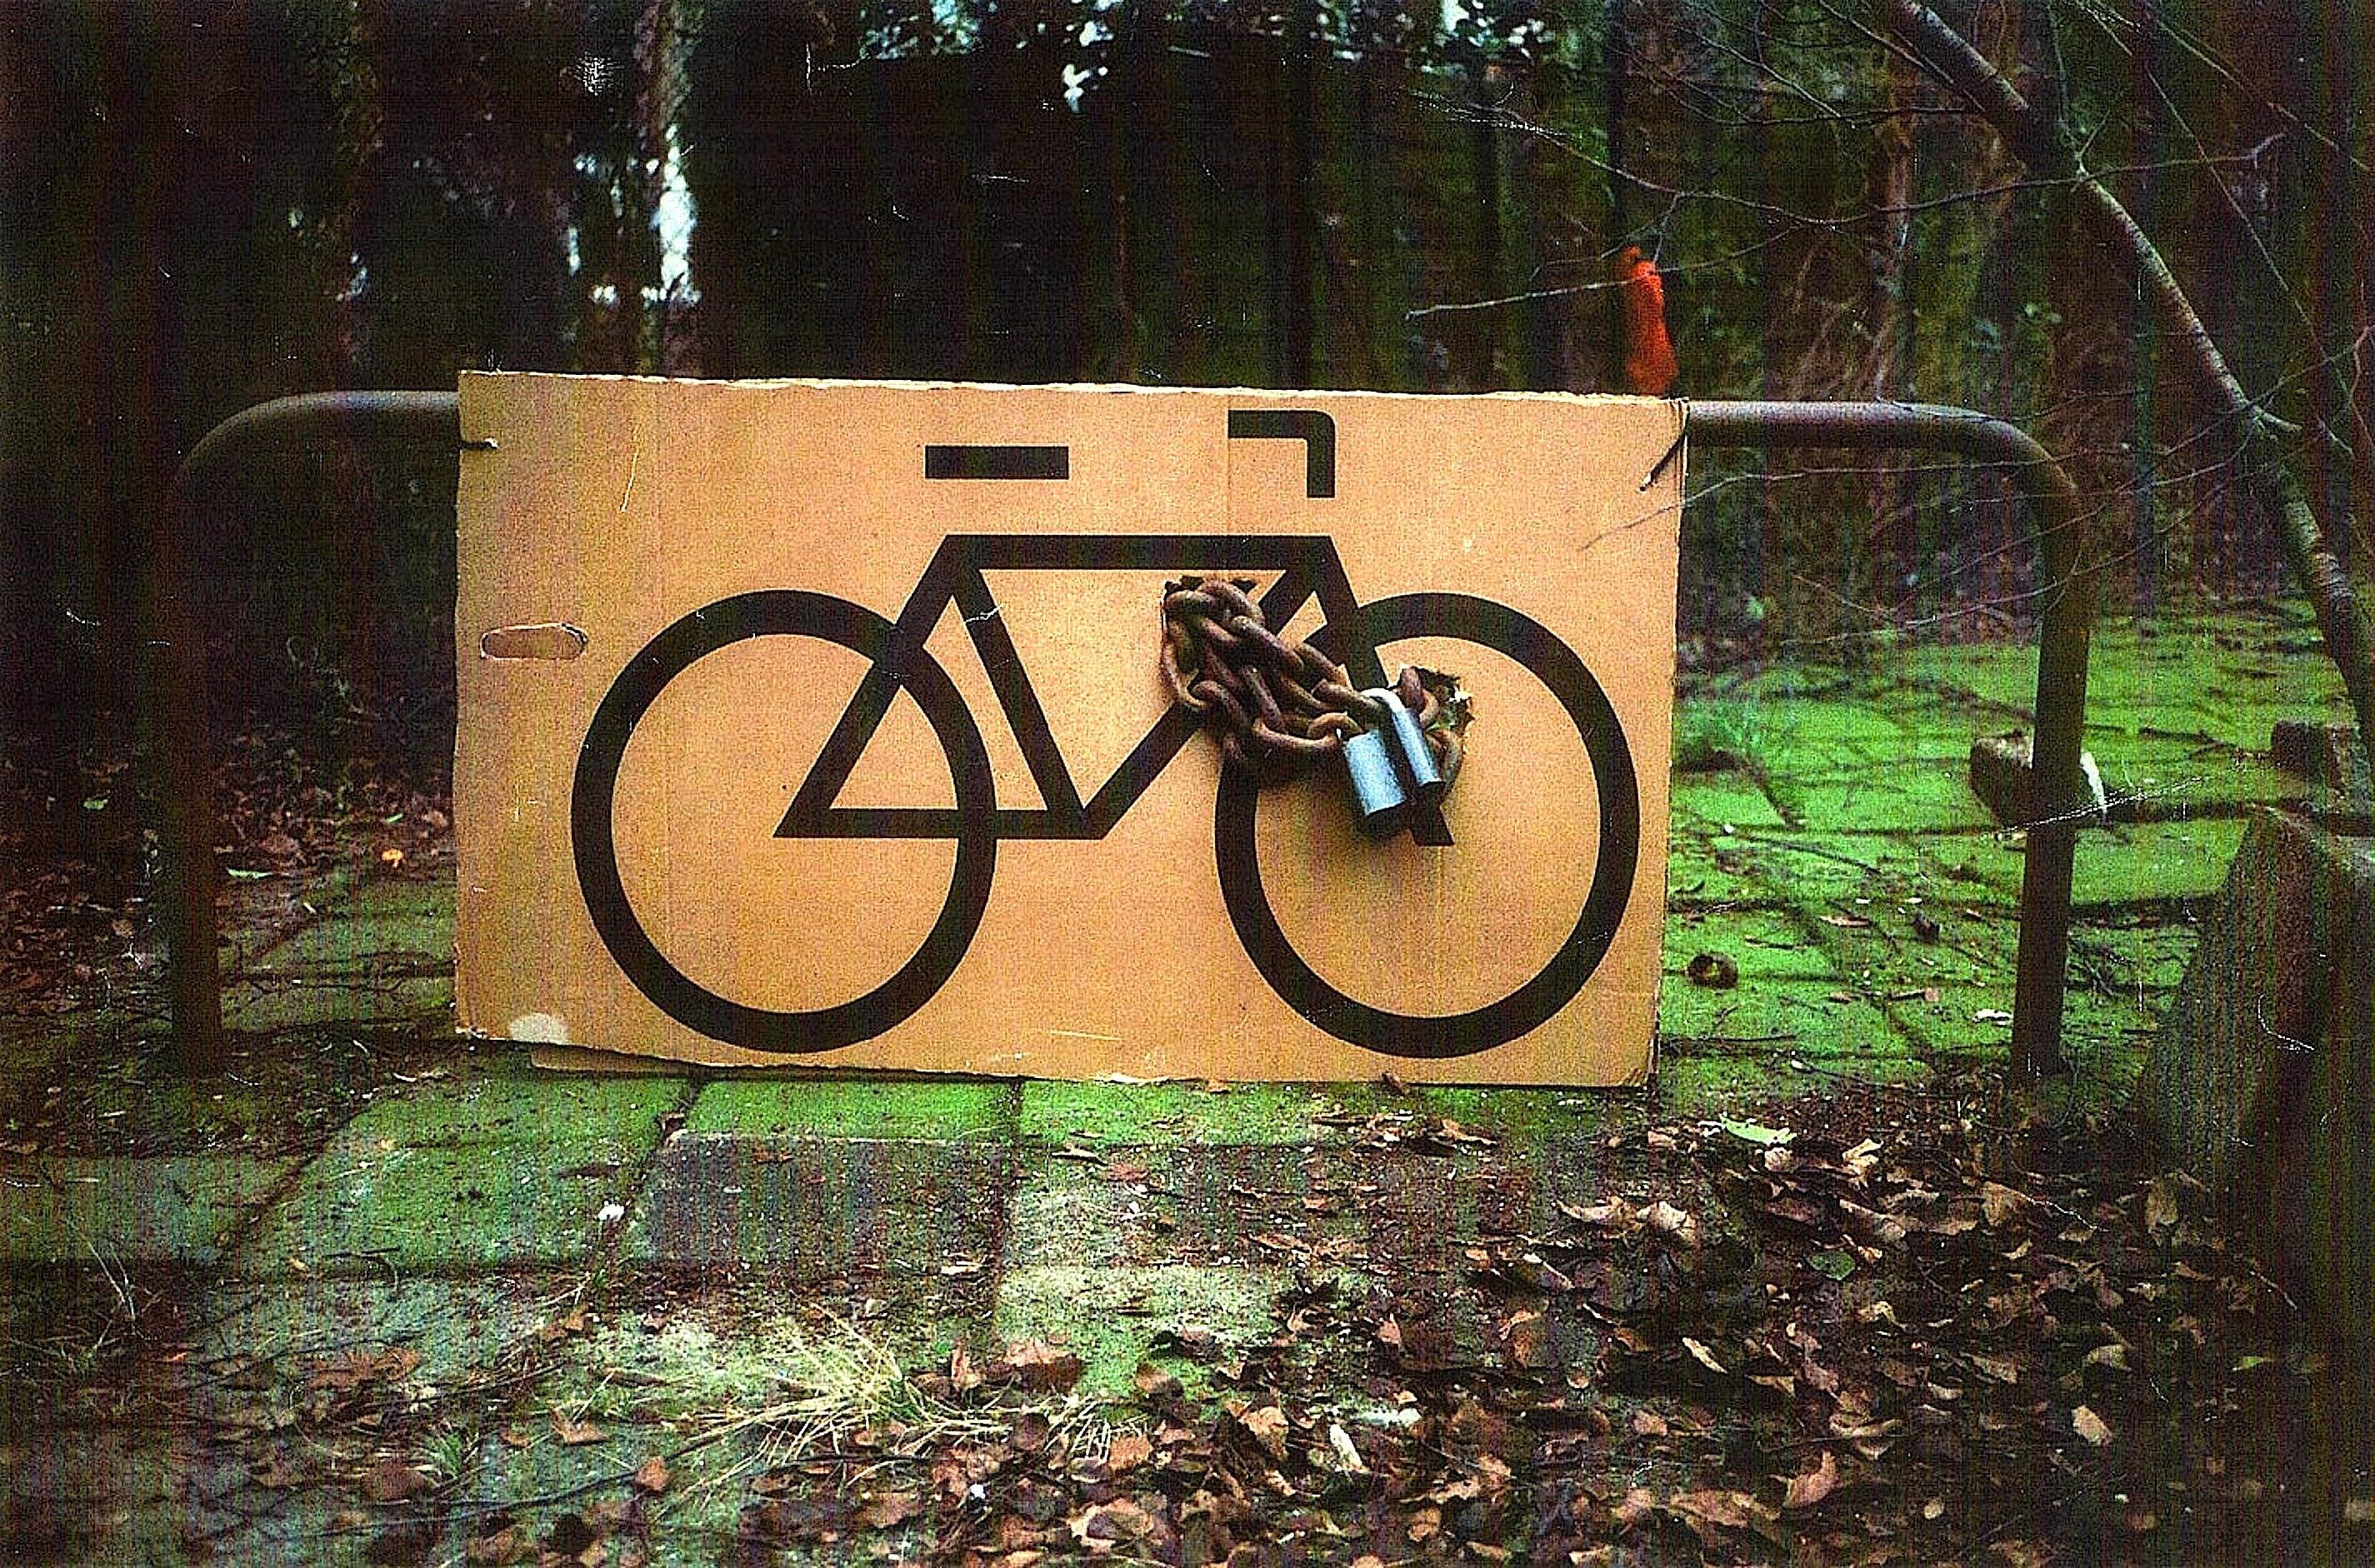 The bike of Harry Hoogstraten (foto Daan van Golden)